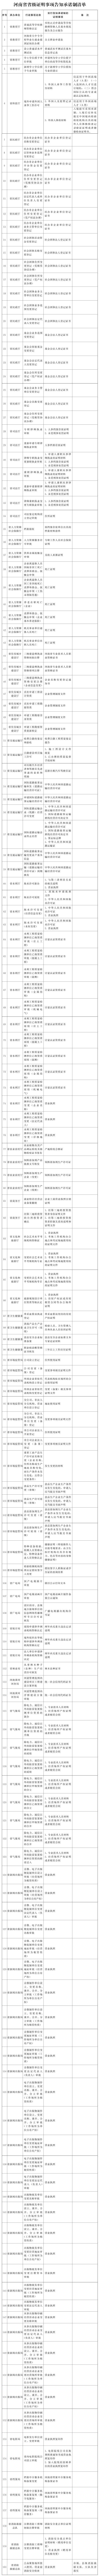 河南省省级证明事项告知承诺制清单